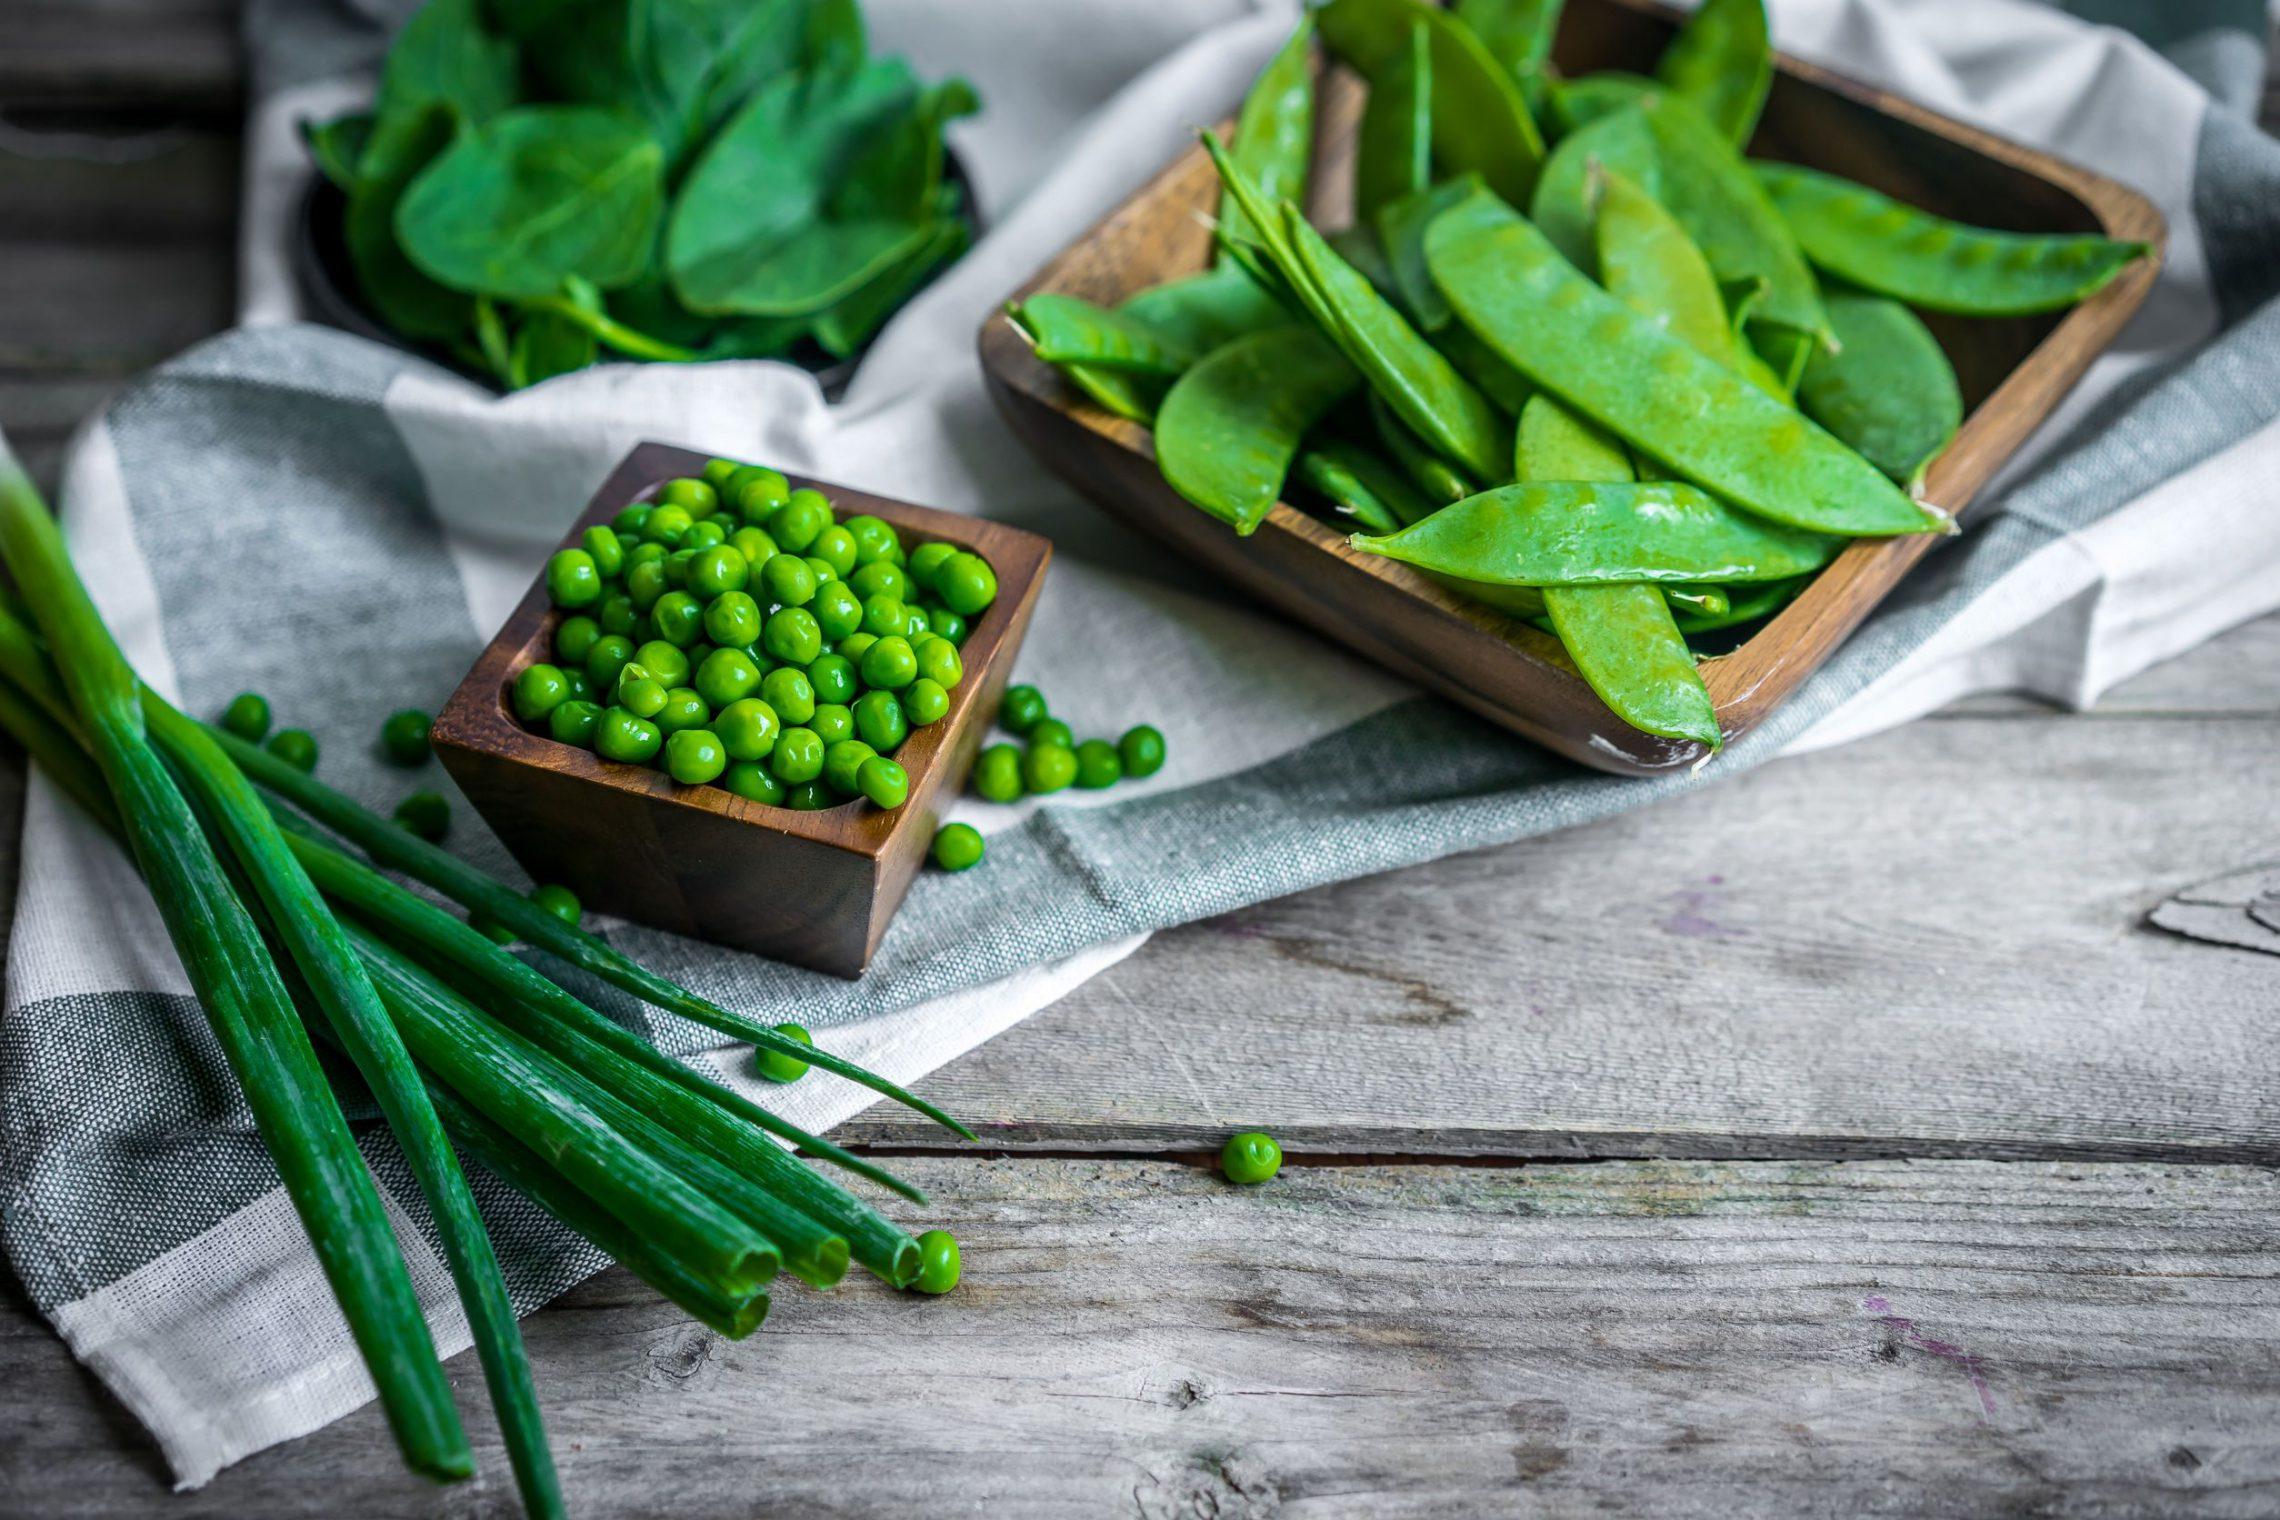 Jak się odżywiać w diecie cukrzycowej?